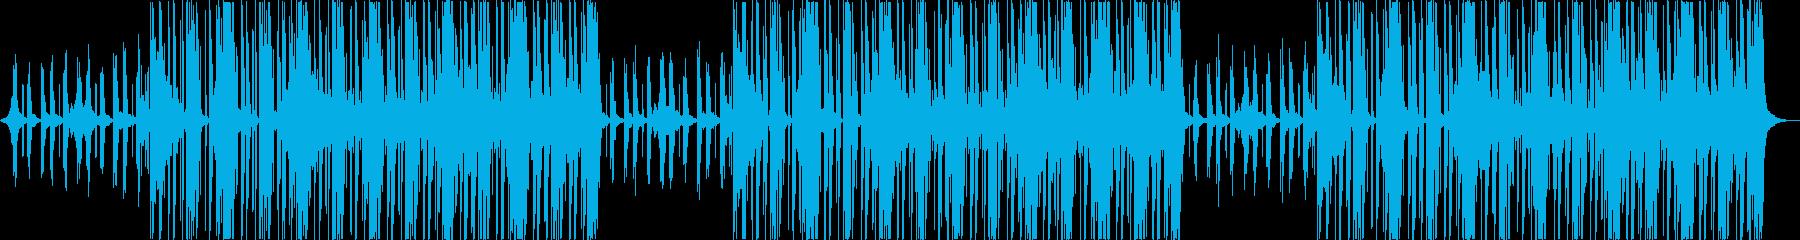 おしゃれ洋楽ヒップホップR&Bソウルaの再生済みの波形